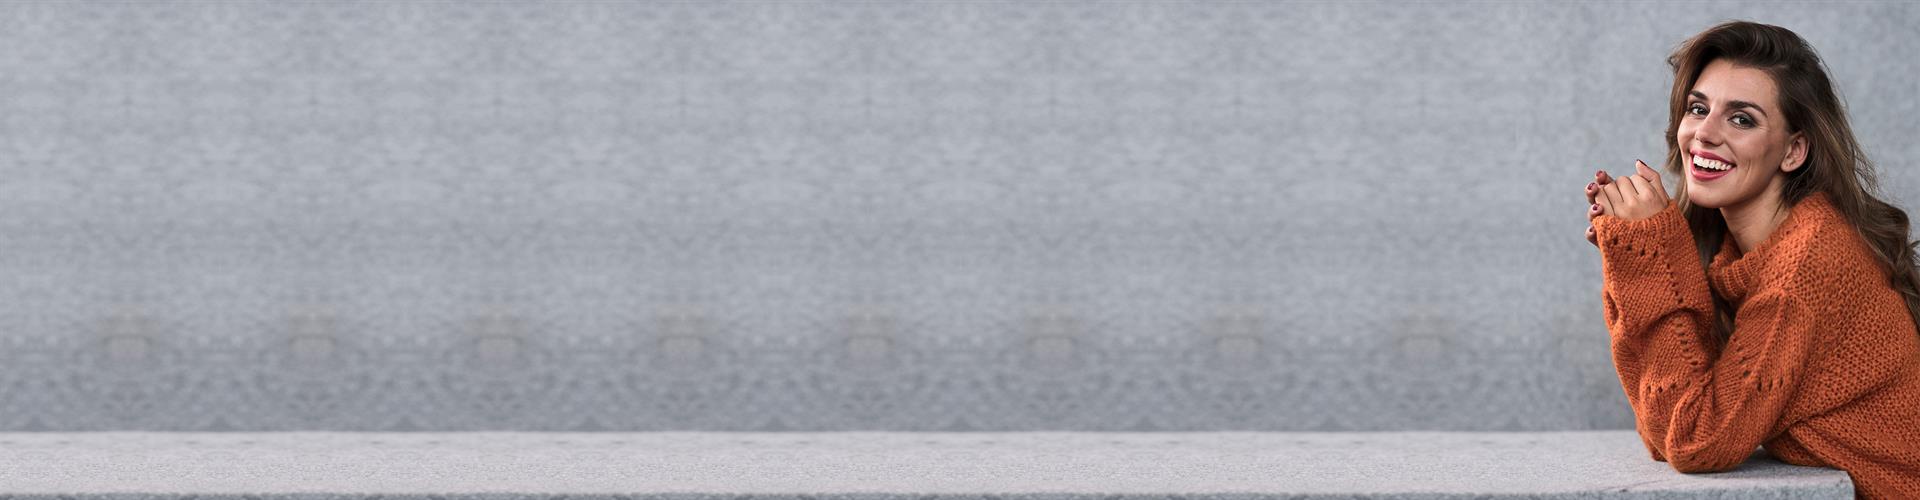 Vacaturs-BannerTop-3840x1000